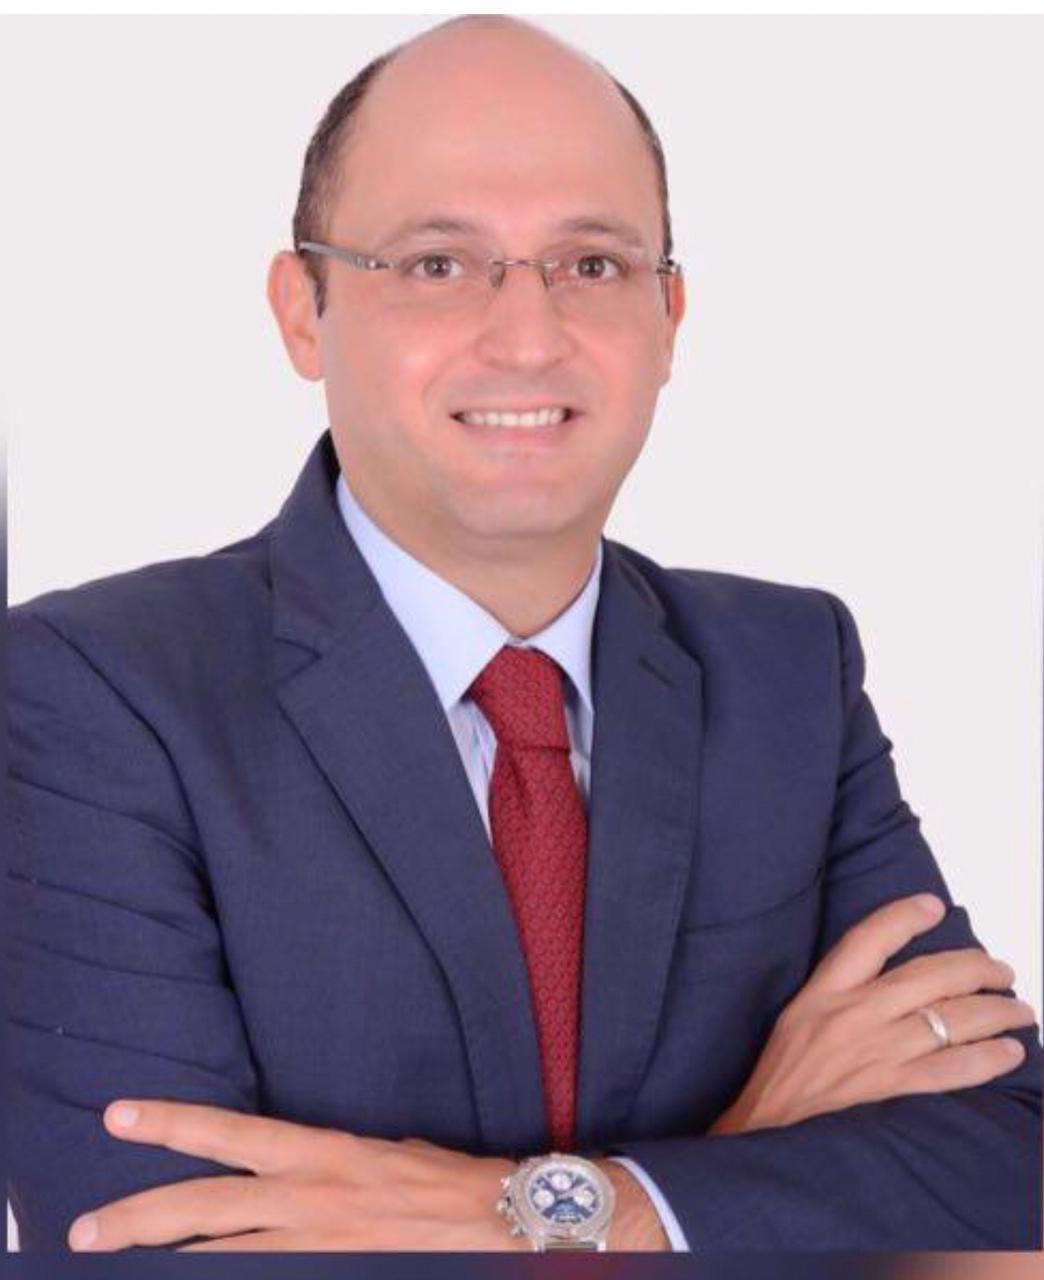 أندرسن مصر تتعاقد على إدارة صفقات بيع وأستحواذ بقيمة تتجاوذ المليار جنيه مصرى - كتبت - سماح مكرم